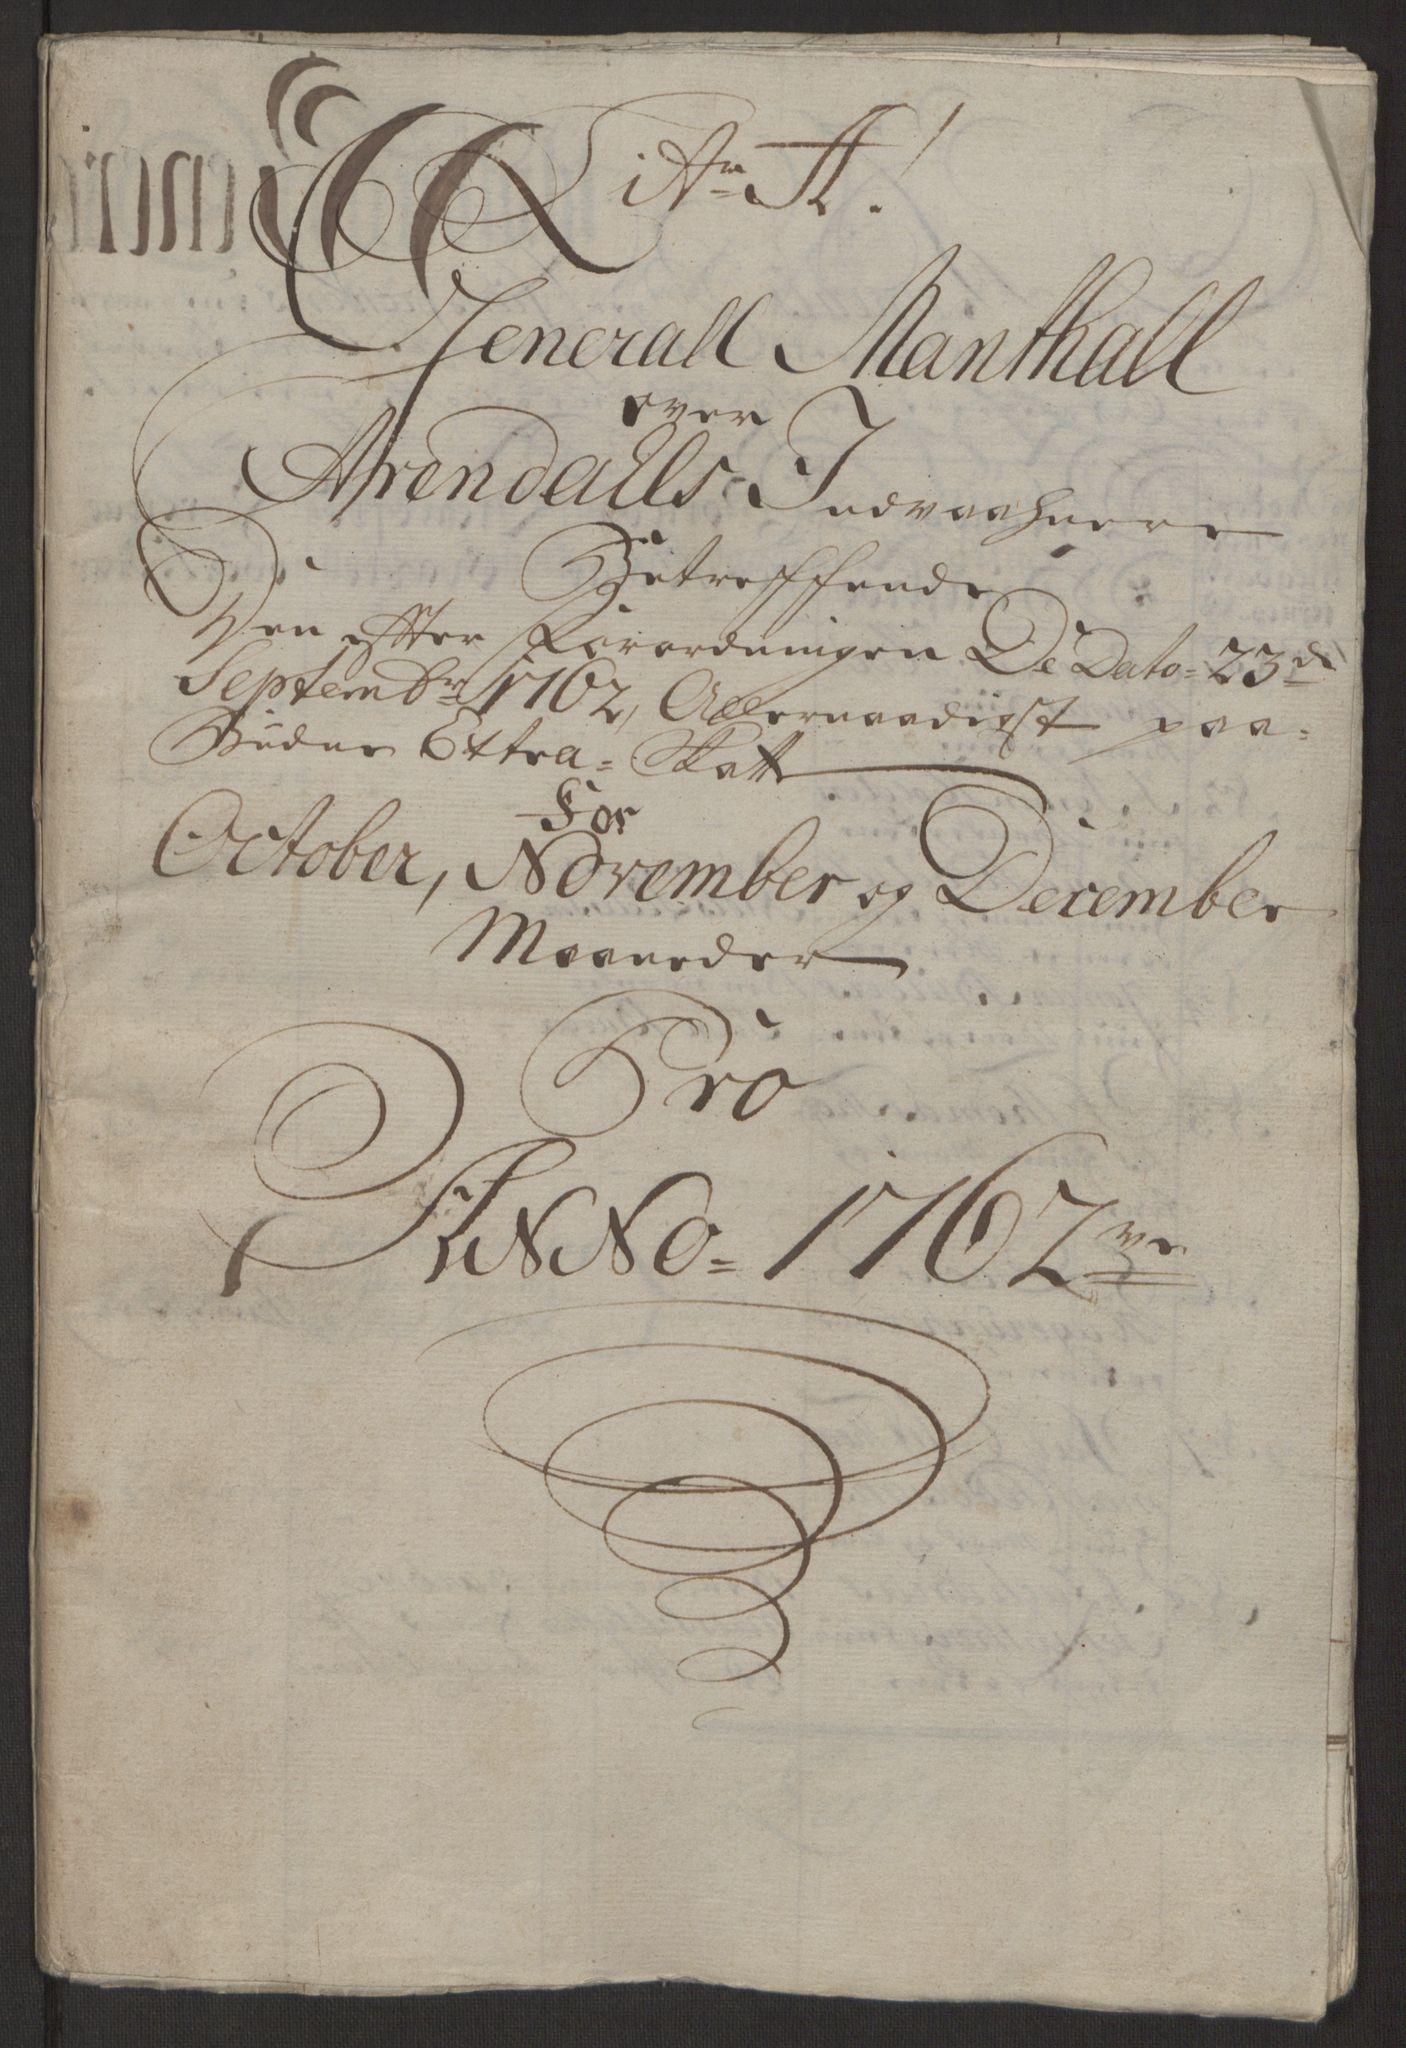 RA, Rentekammeret inntil 1814, Reviderte regnskaper, Byregnskaper, R/Rl/L0230: [L4] Kontribusjonsregnskap, 1762-1764, s. 14